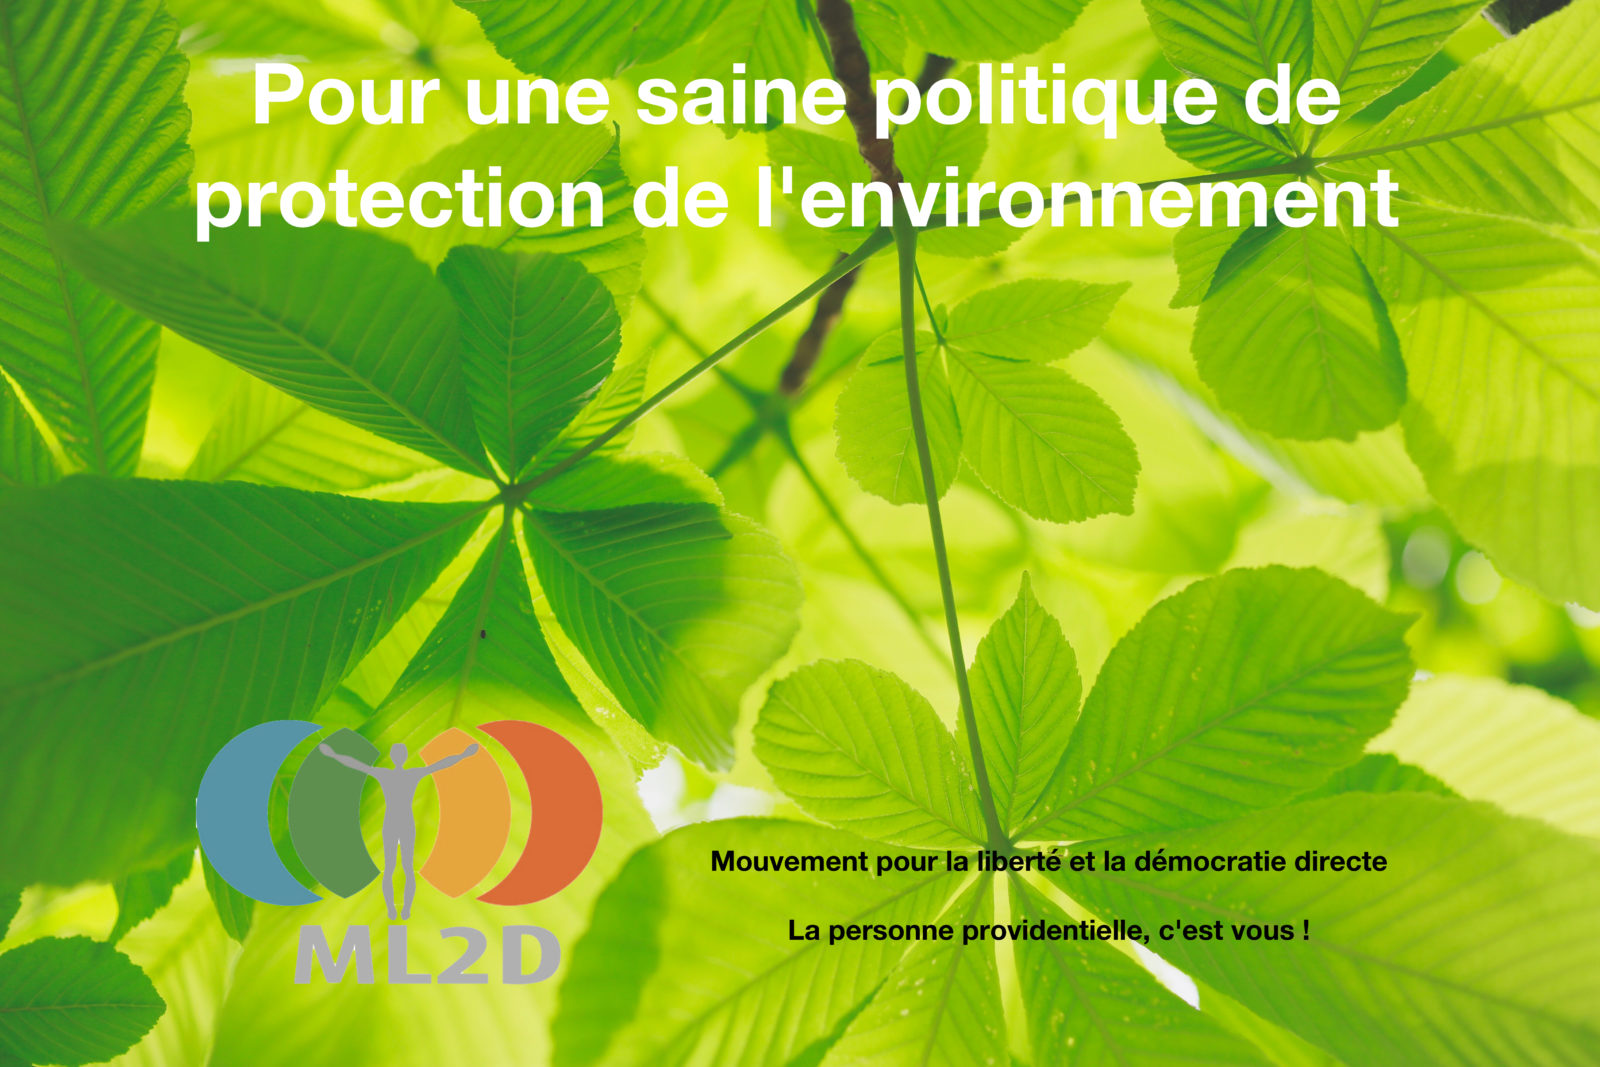 pour une saine politique de protection de l'environnement